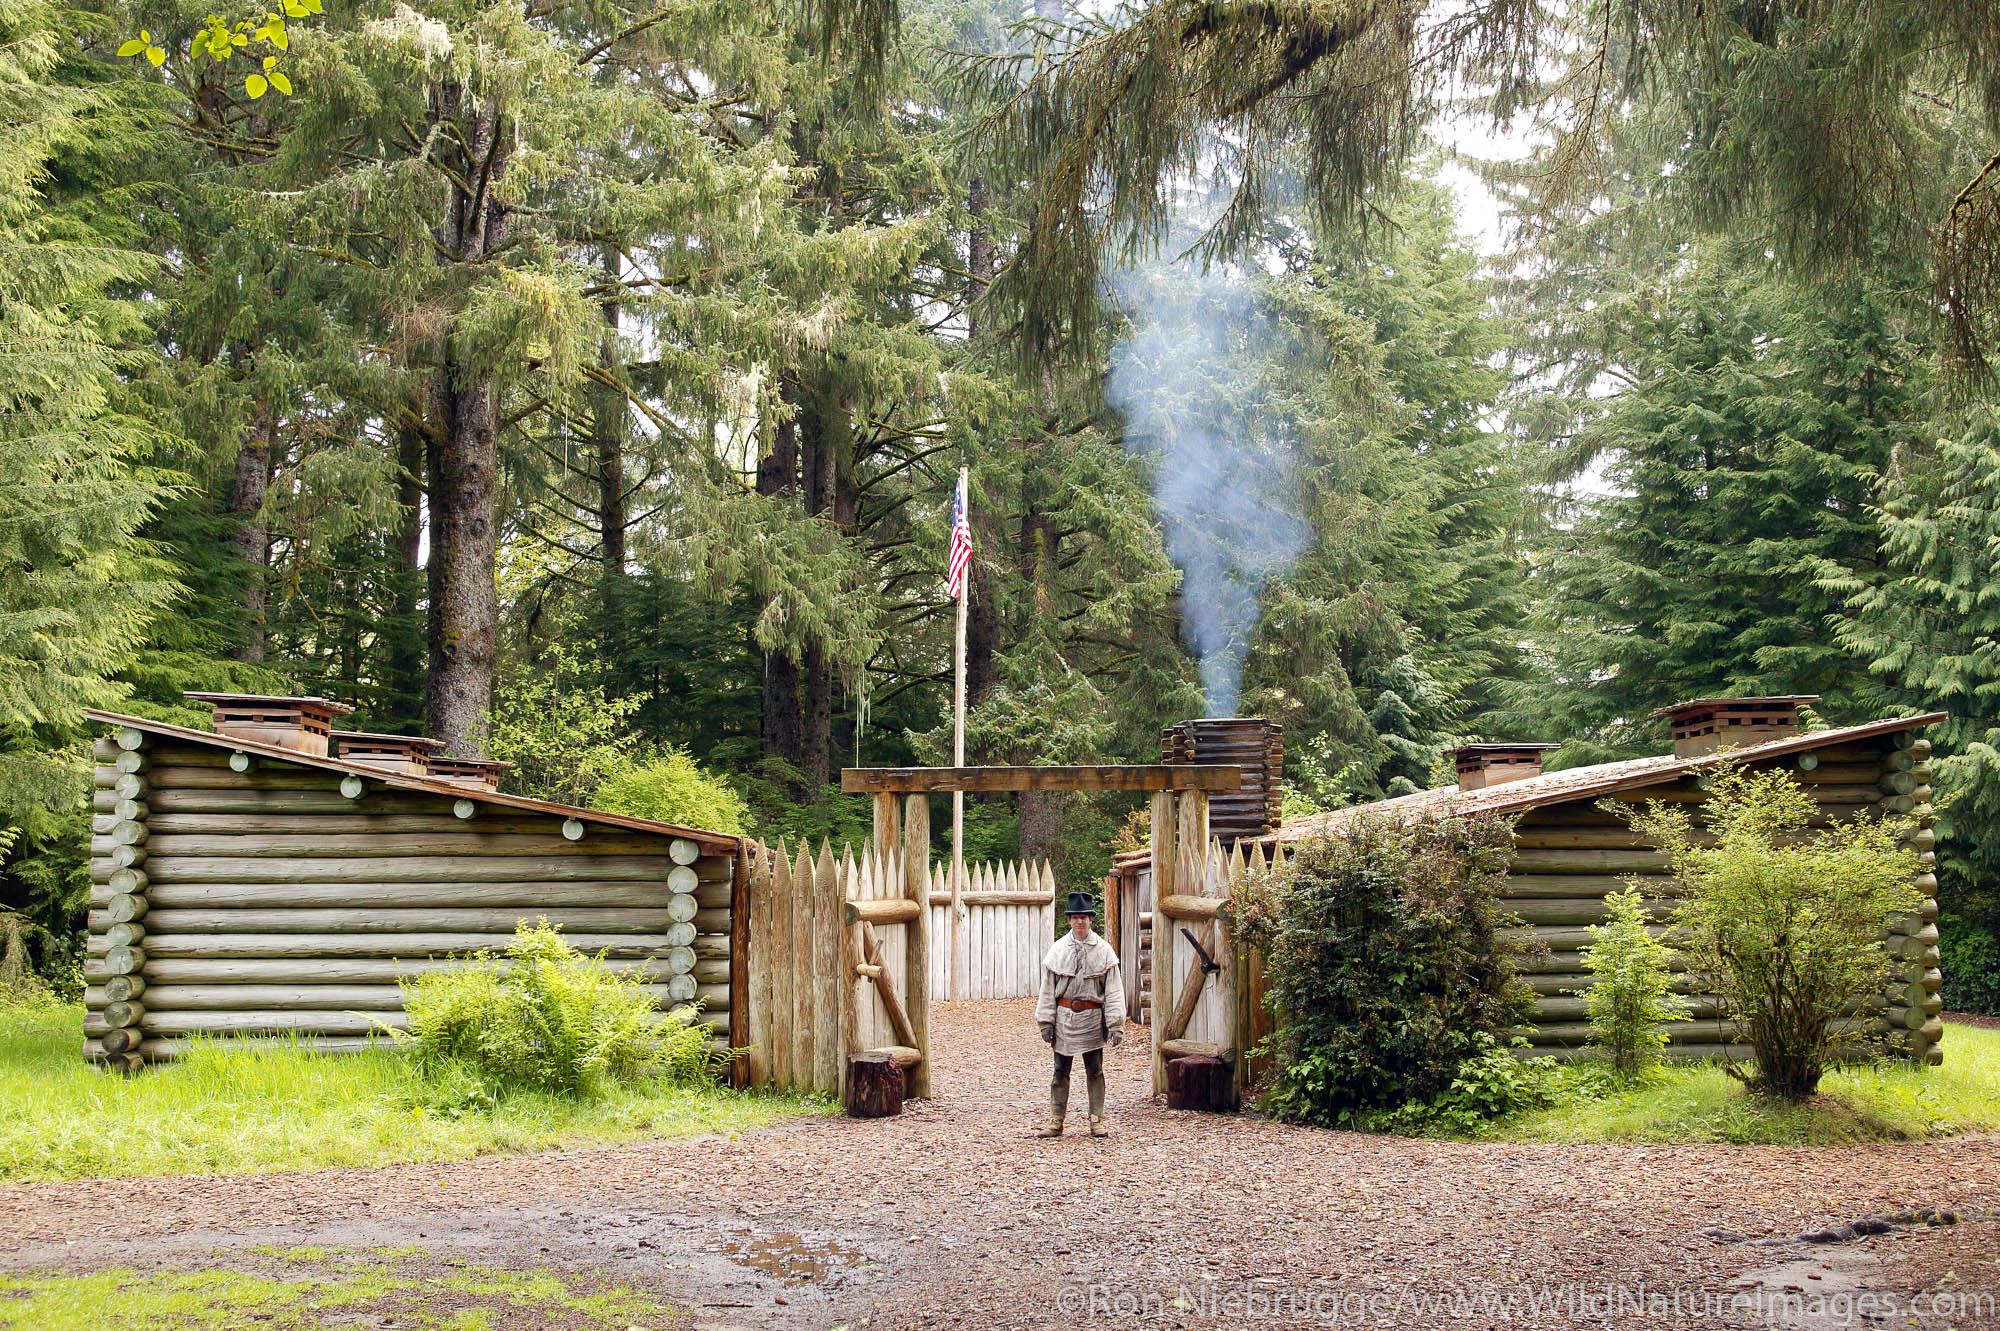 Park Ranger at entrance of Fort Clatsop National Memorial, Oregon